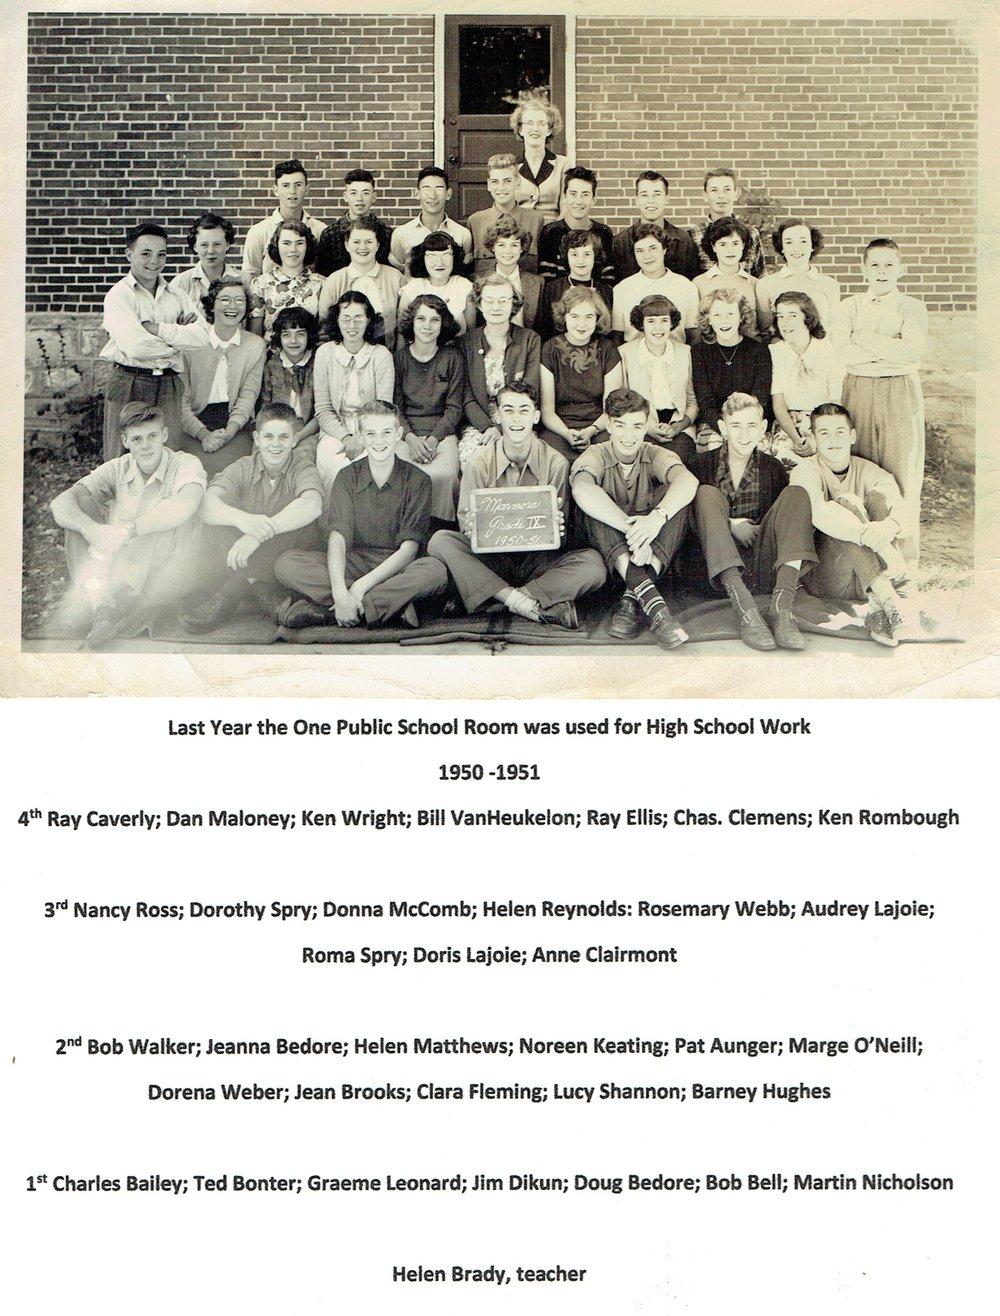 1950 High school Gr. 9 Helen Brady.jpg